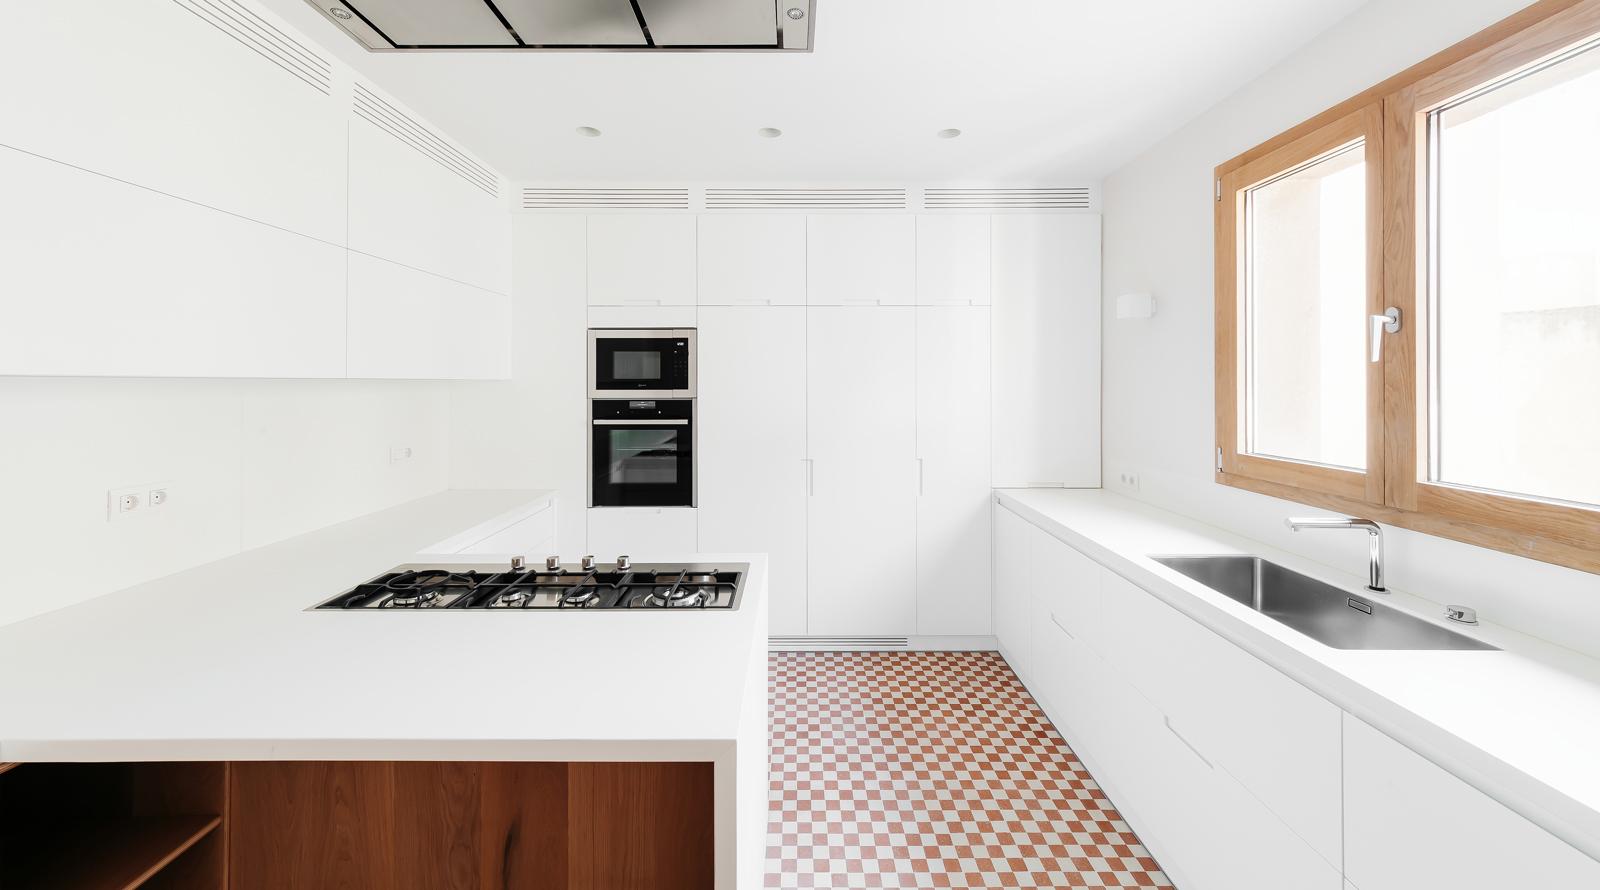 Fabrica de muebles de cocina en Barcelona